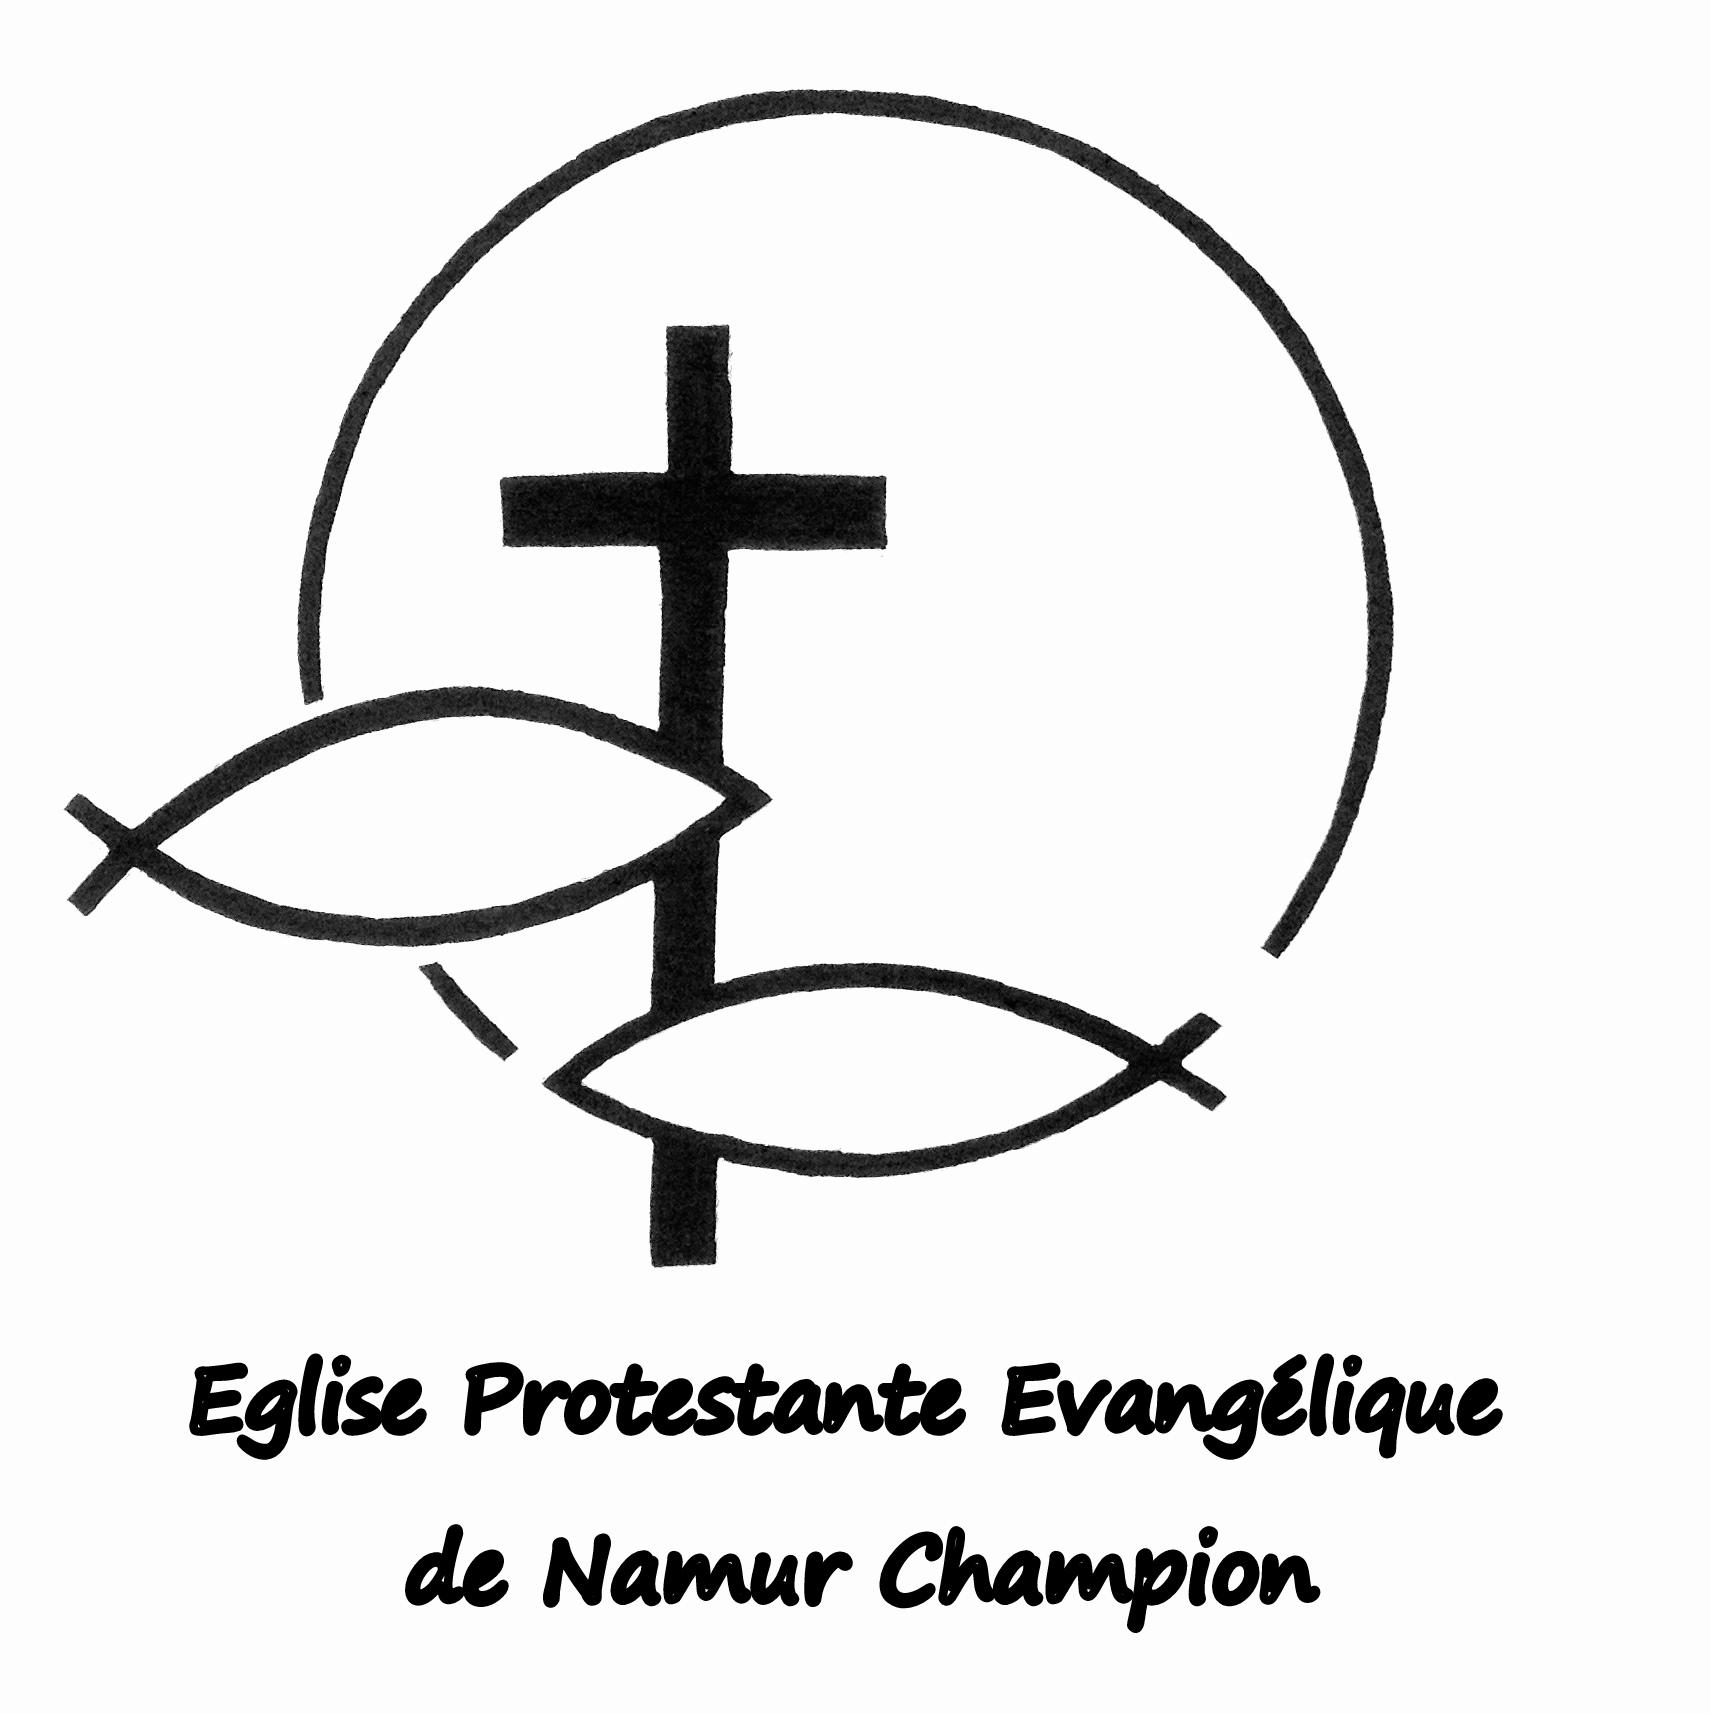 Eglise Protestante Evangélique de Namur Champion